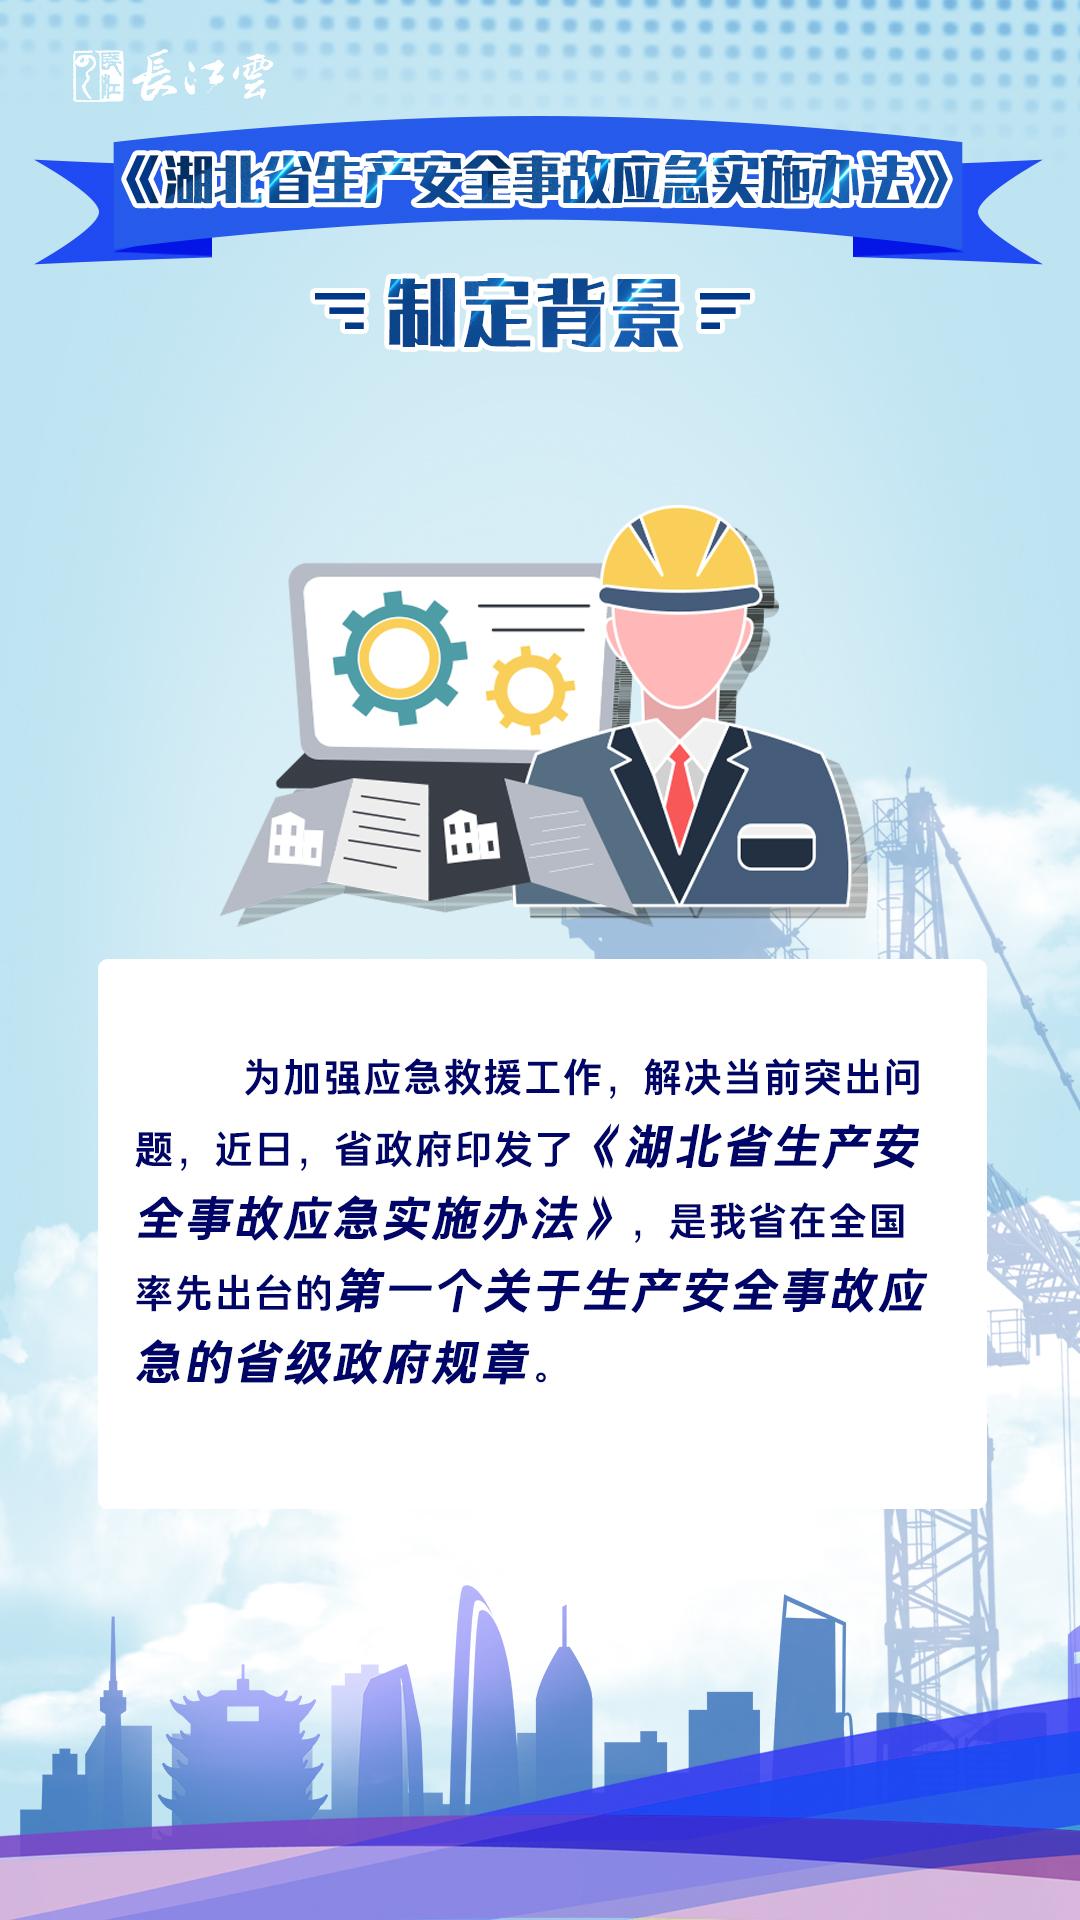 一图读懂《湖北省生产安全事故应急实施办法》